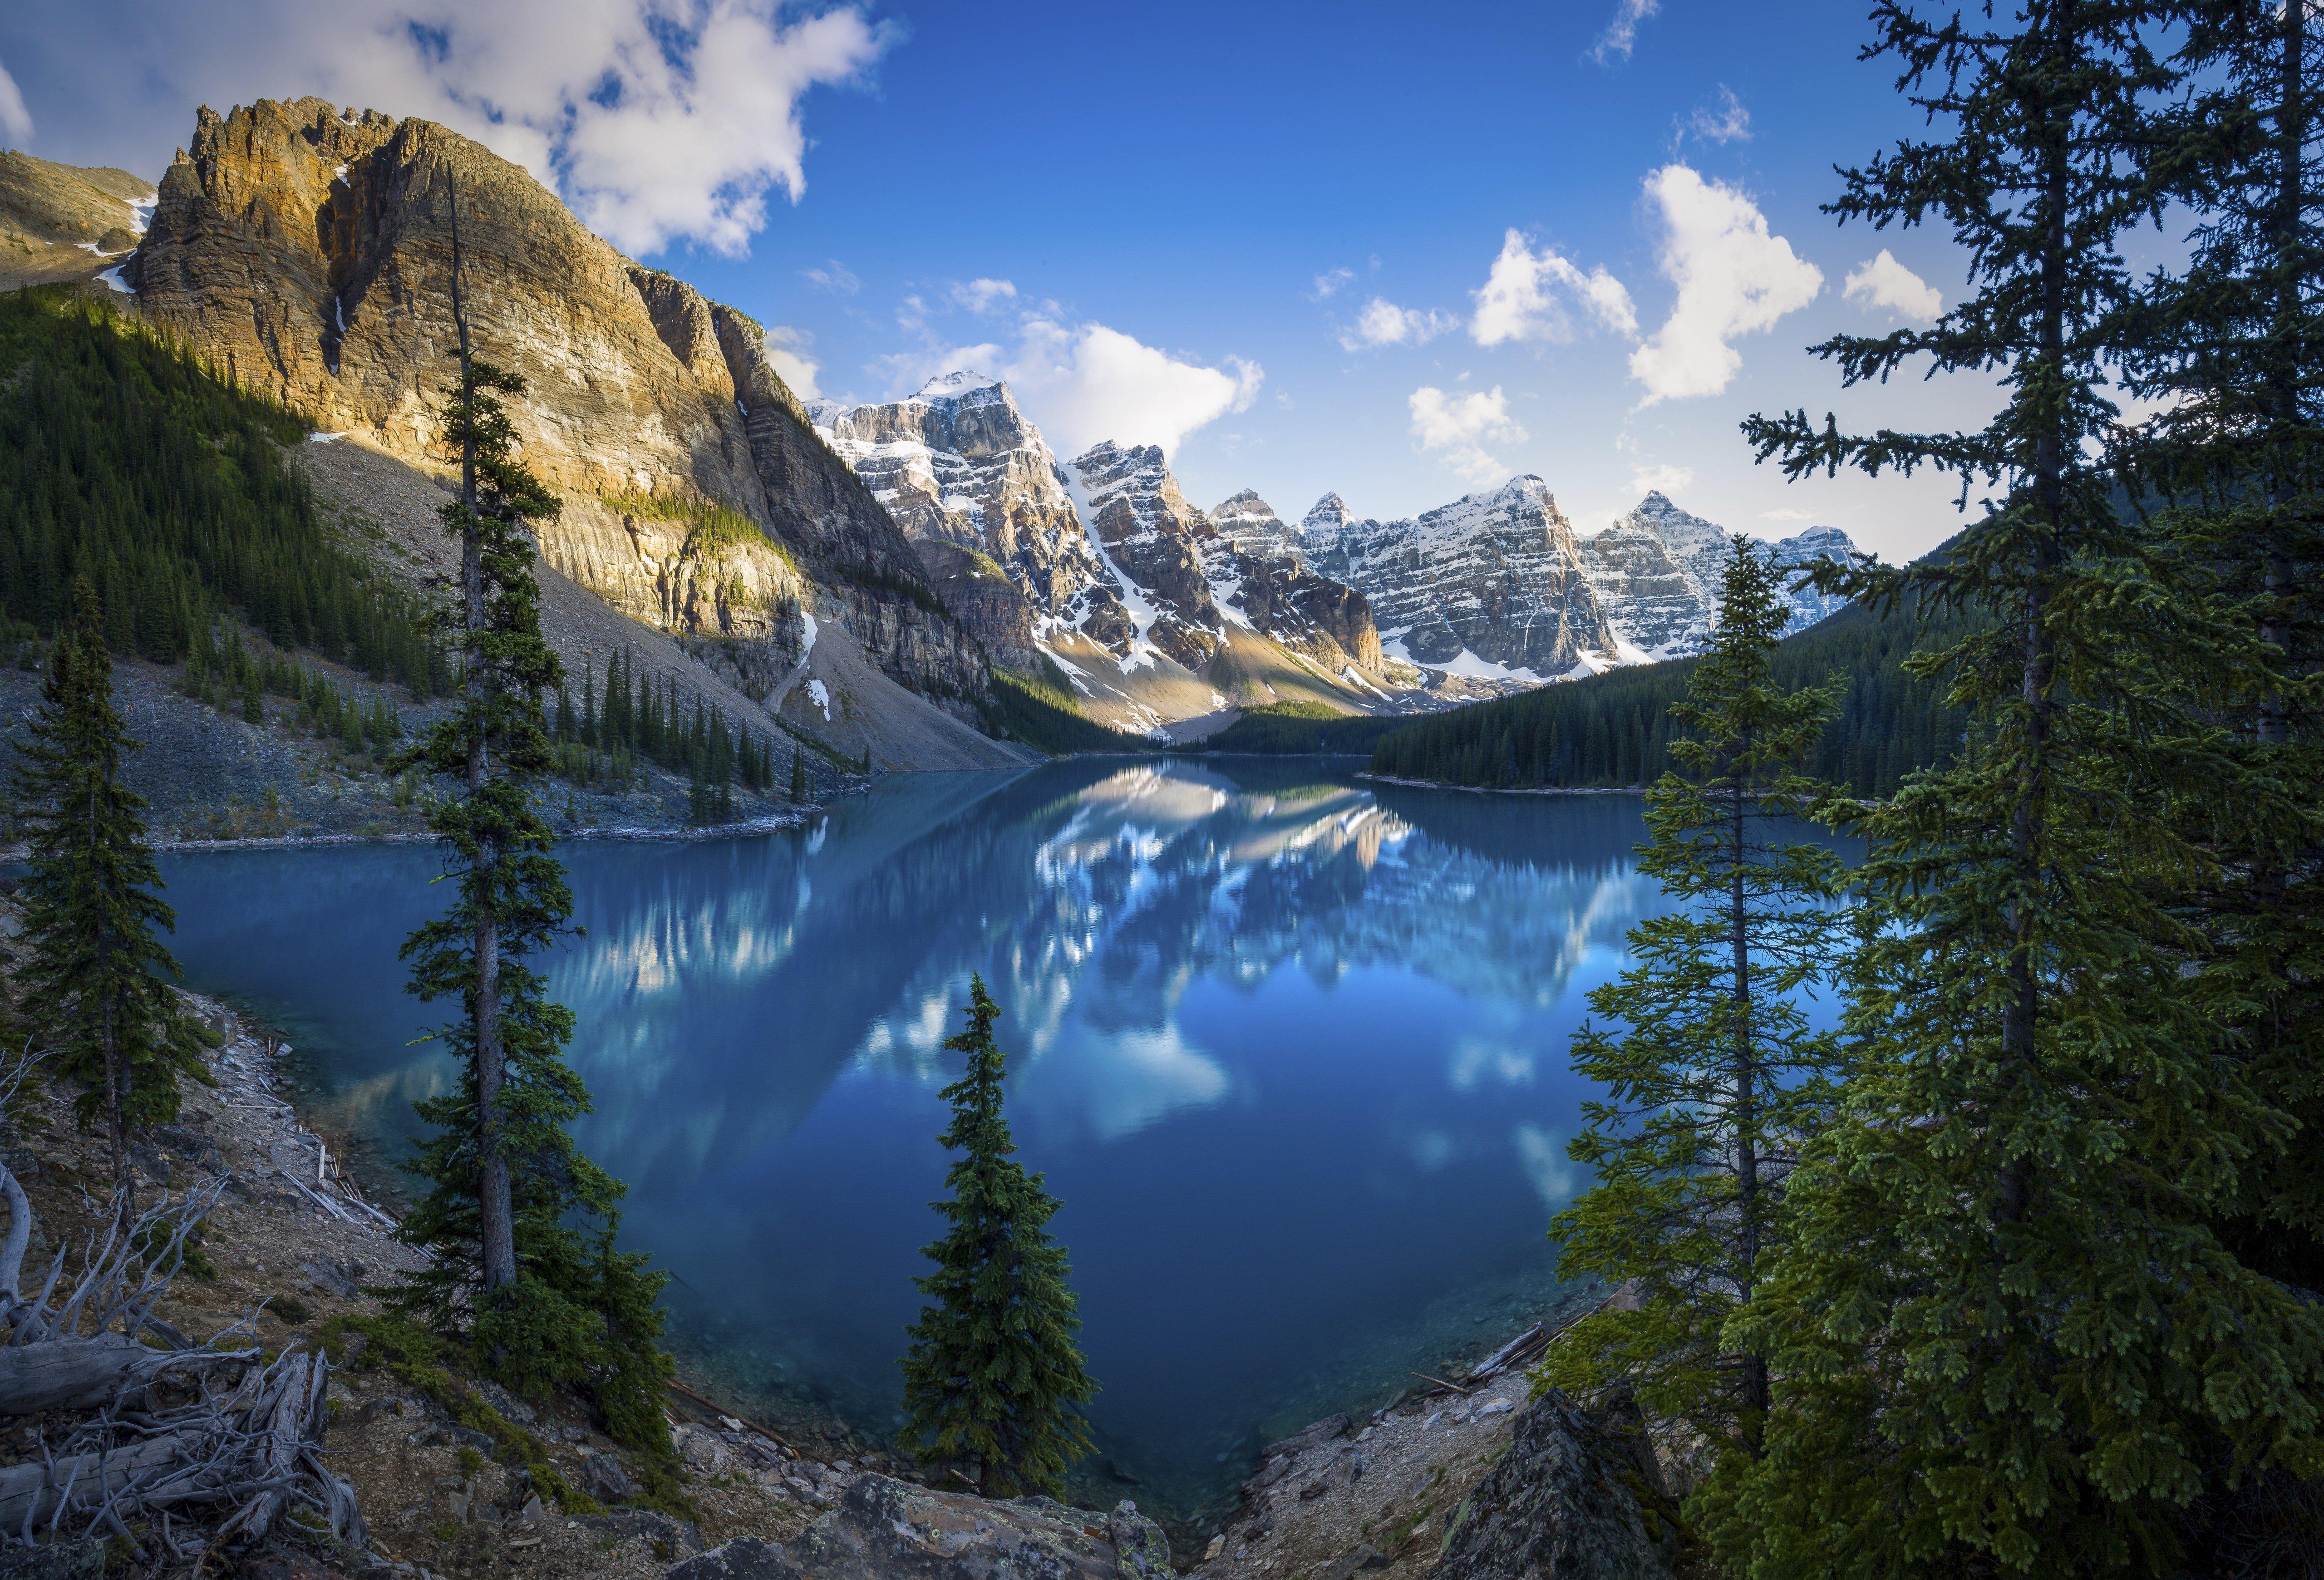 Fondos de pantalla Paisaje de lago en el bosque Alberta, Canada